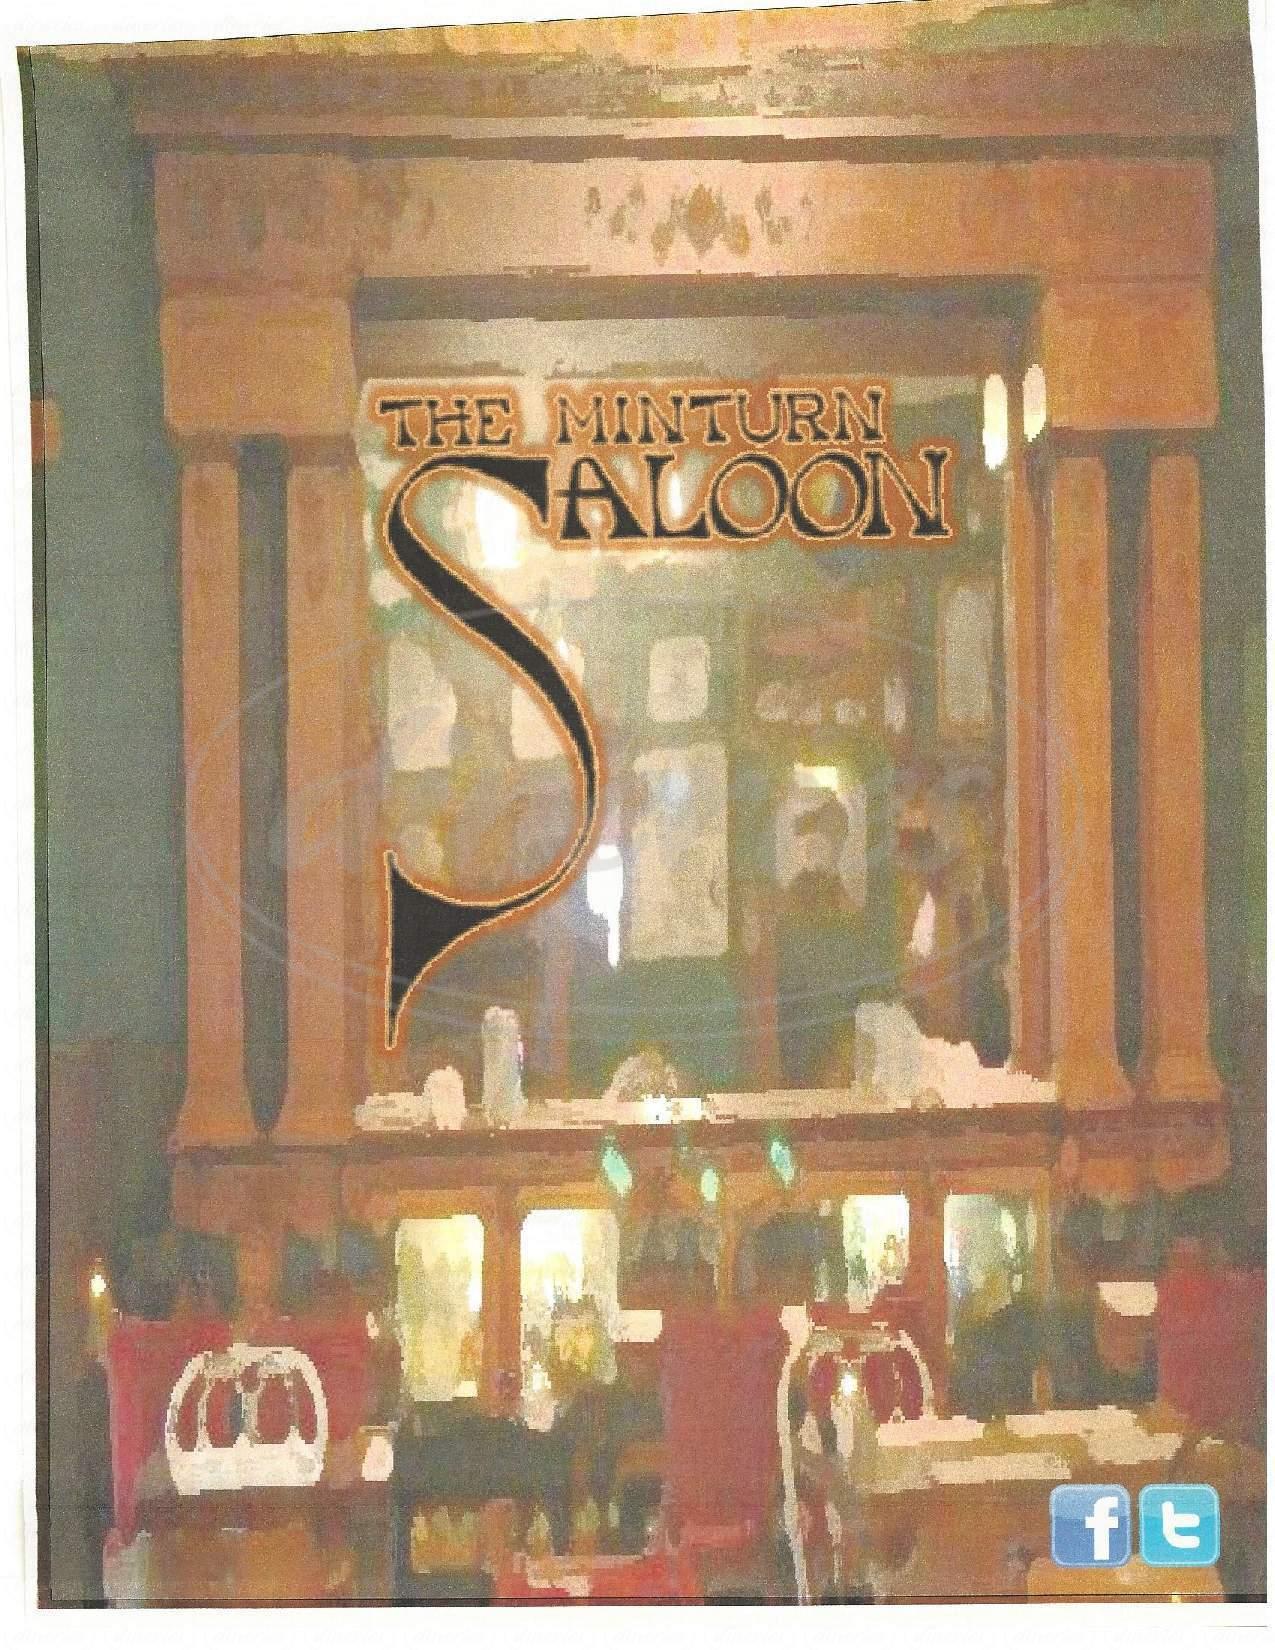 menu for Minturn Saloon